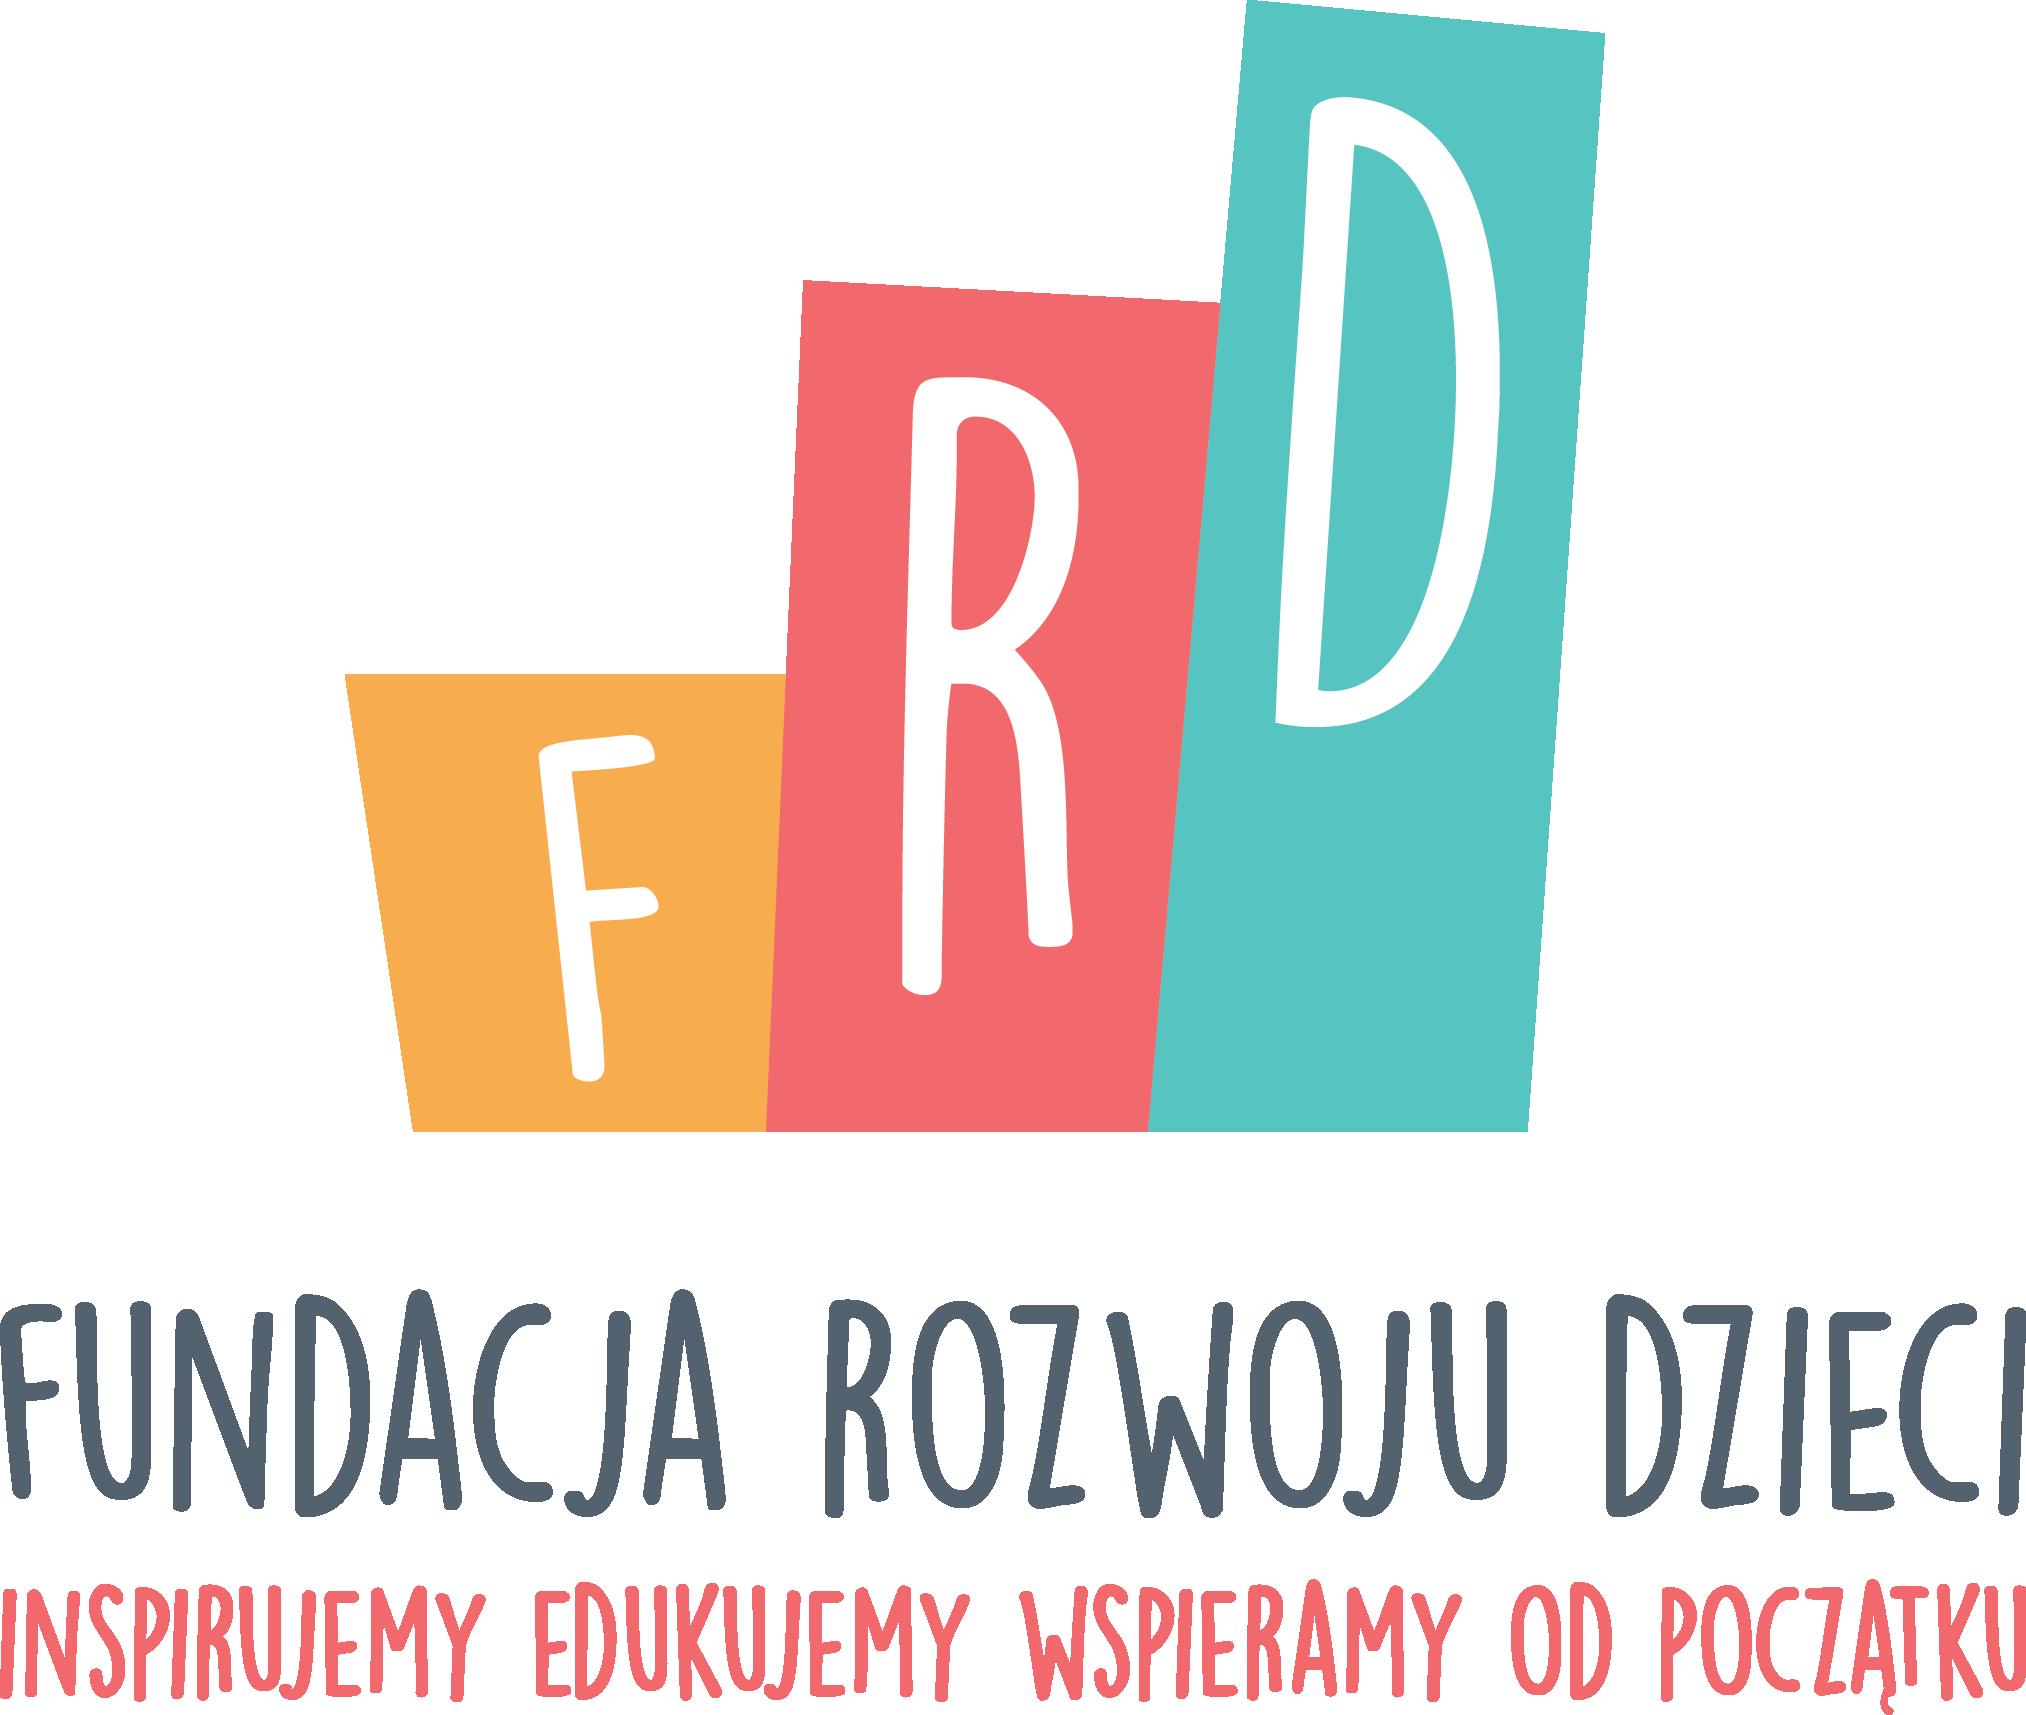 FRD_kolor